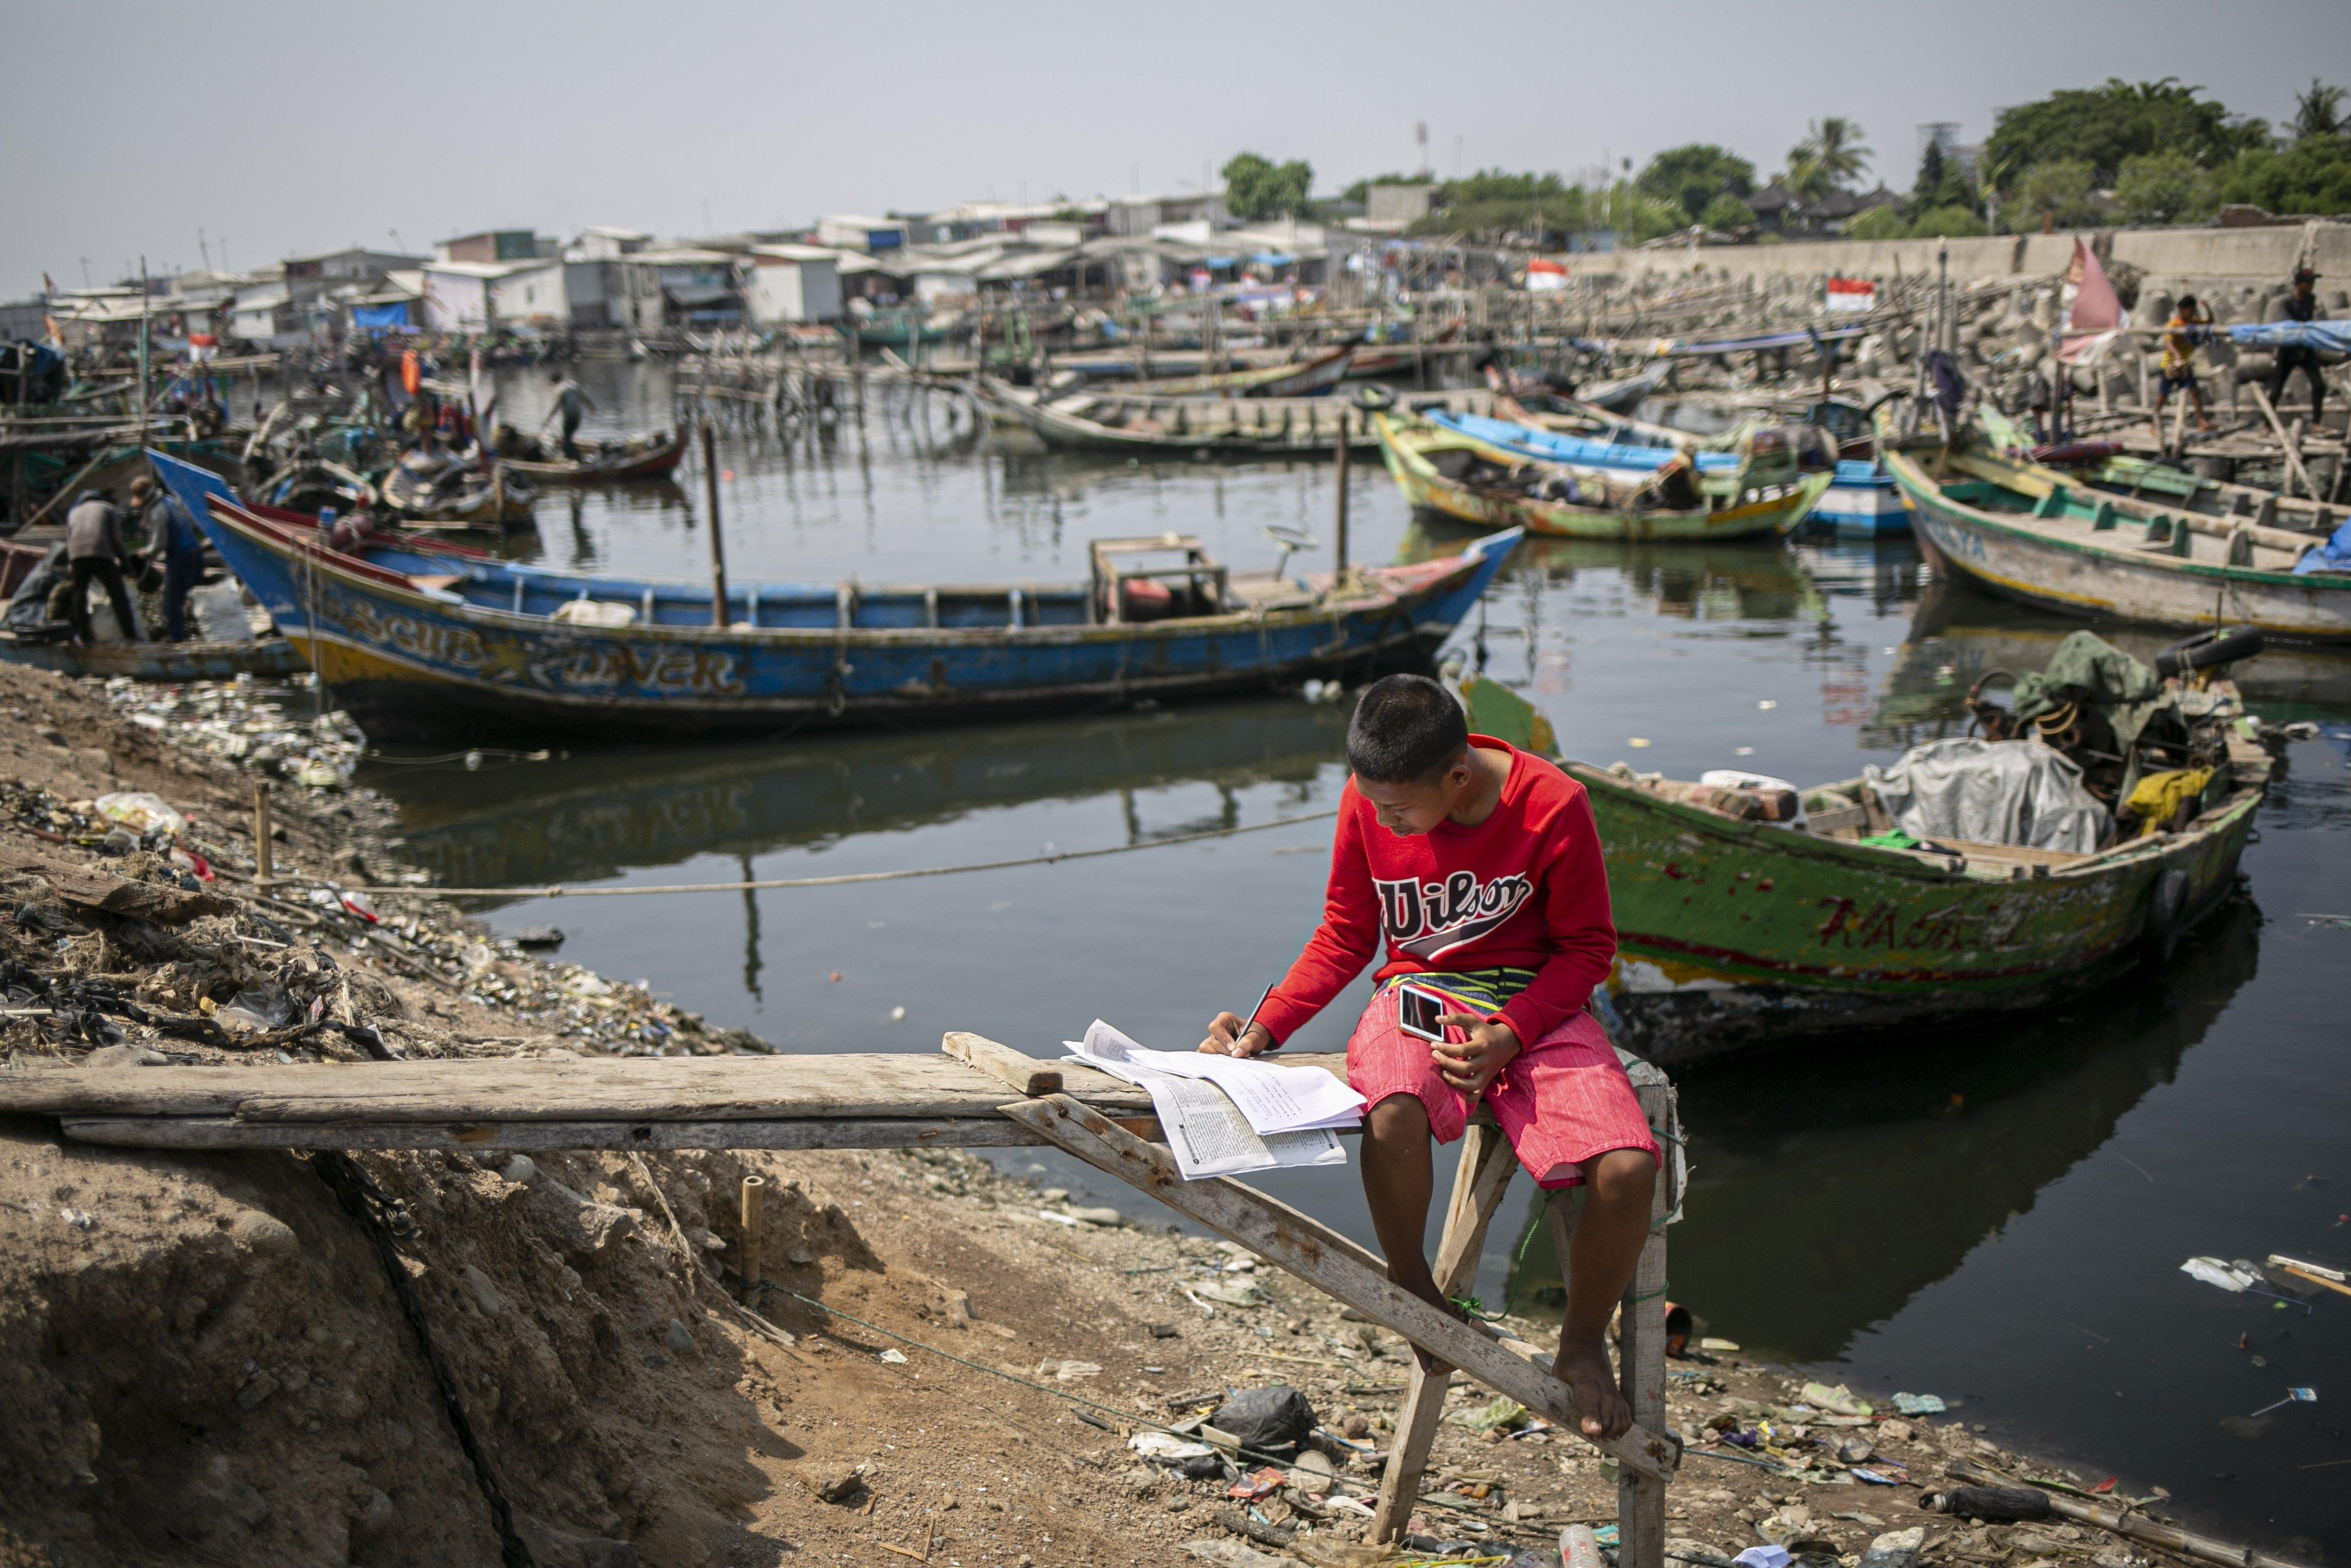 Syihabudin (13) mengikuti proses belajar secara online di pesisir Kampung Nelayan, Jakarta Utara, Minggu (9/8/2020). Kesatuan Nelayan Tradisional Indonesia (KNTI) mengklaim penurunan penjualan tangkapan nelayan mencapai 21 persen dan pendapatan hingga 90 persen akibat merebaknya virus covid-19.